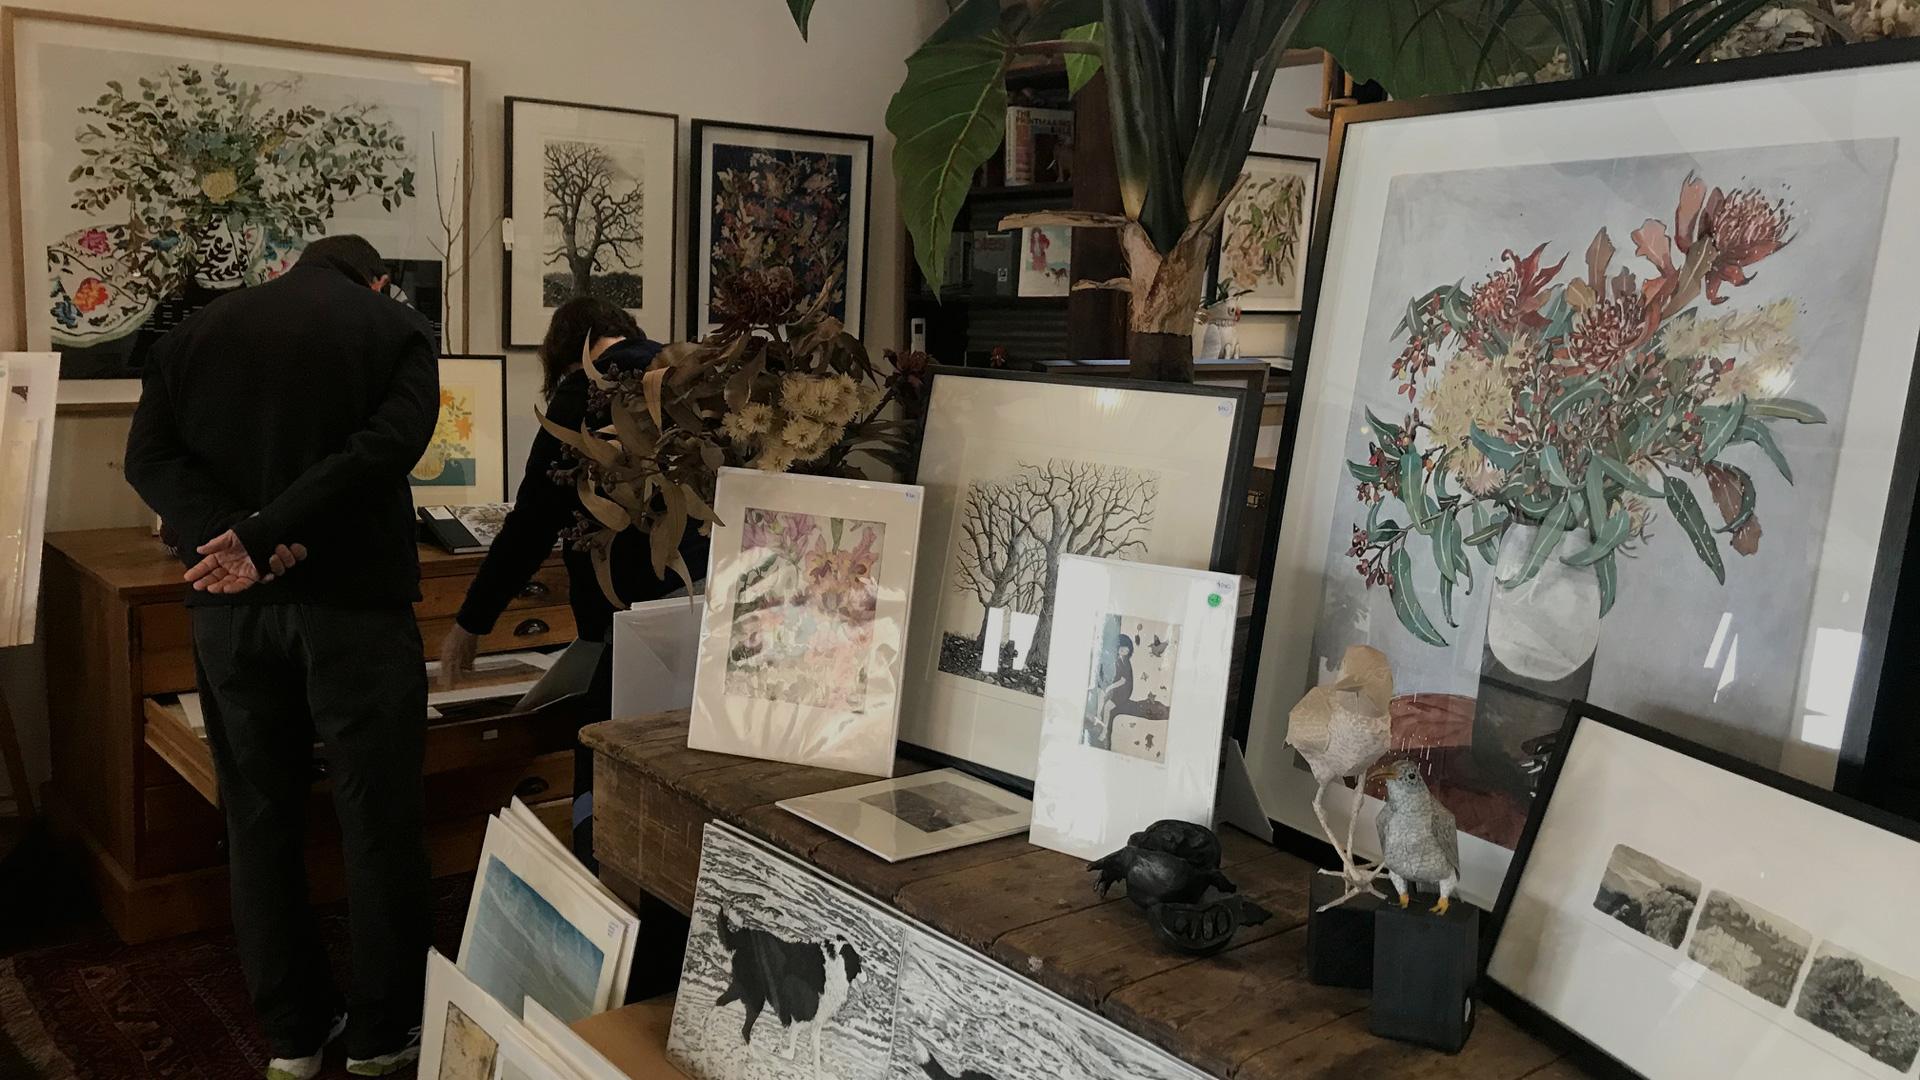 lauriston-press-gallery-interior-5